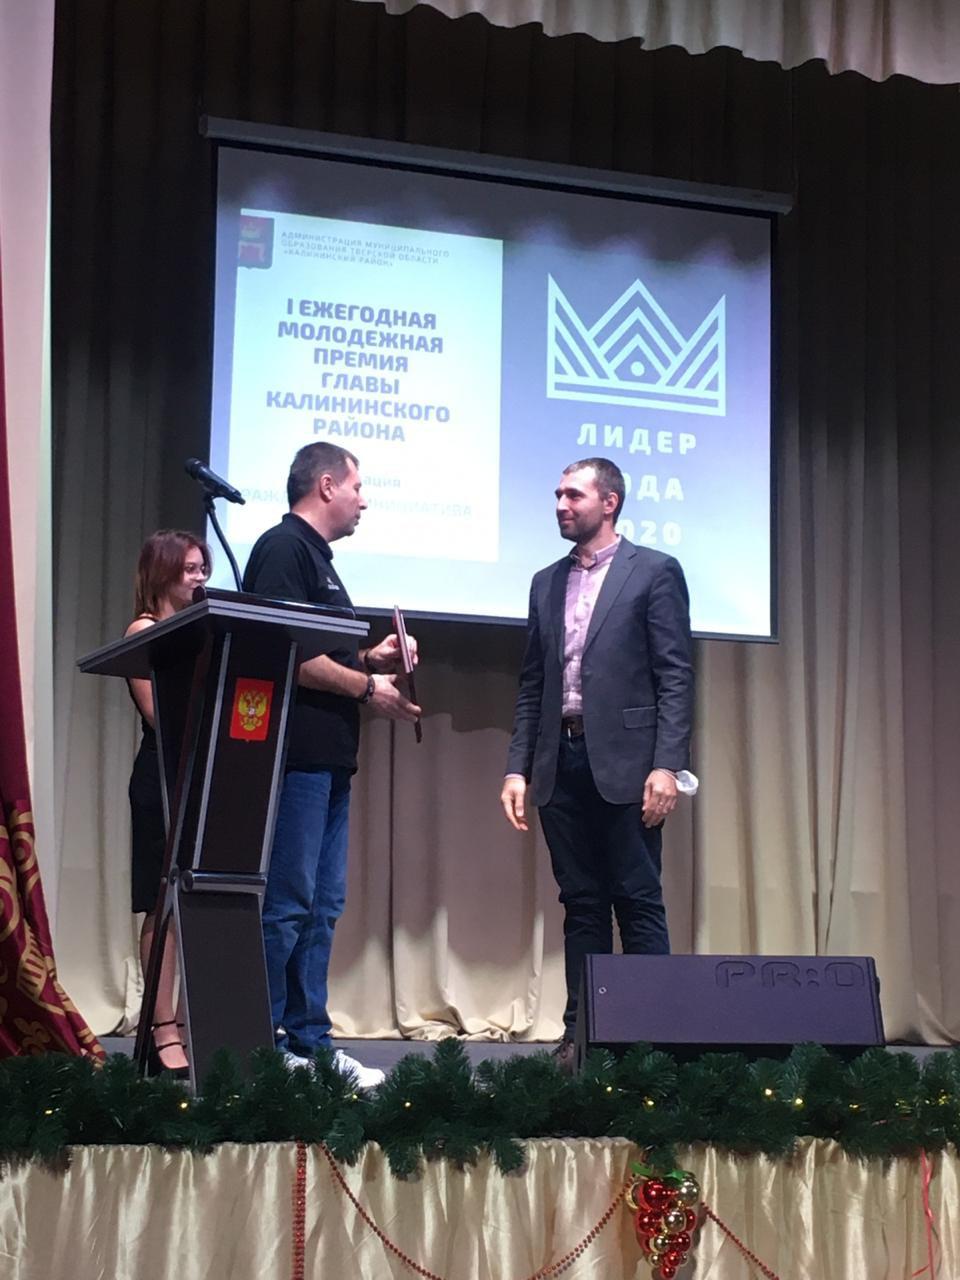 В конкурсе «Лидер года 2020» одержала победу команда Васильевского музея гвоздарей